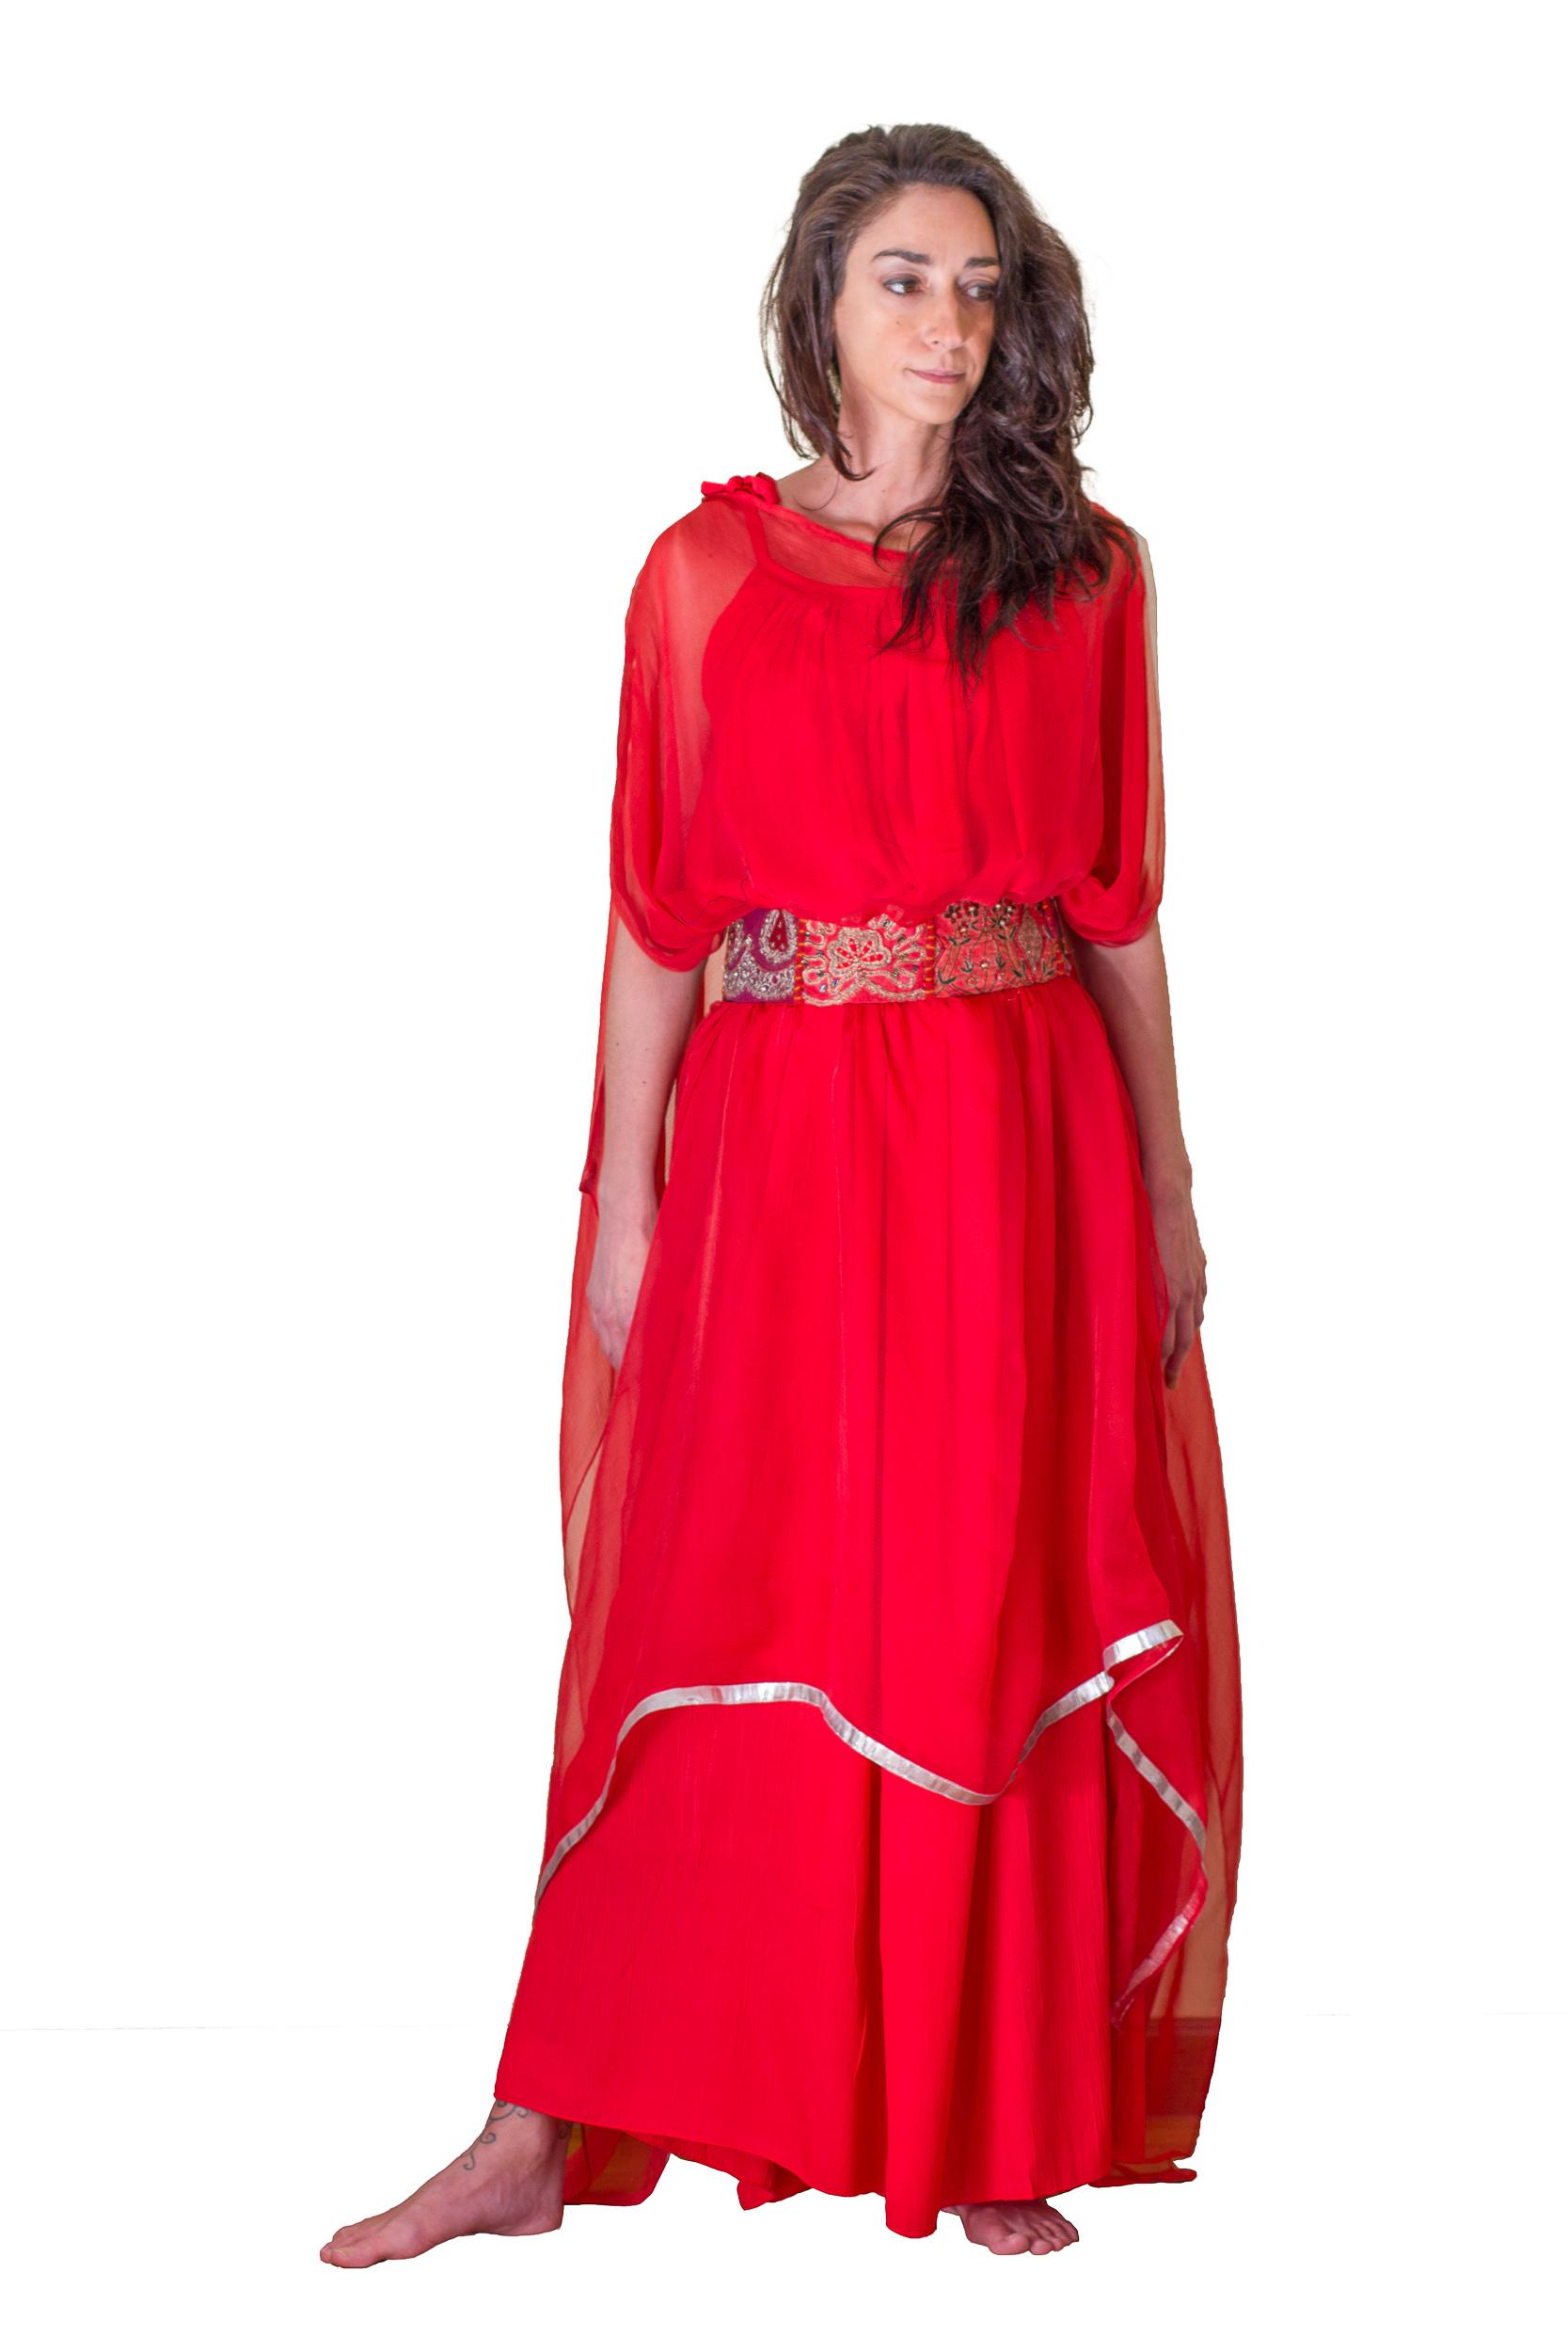 Bajo vestido rojo de universitaria con carita - 2 part 2